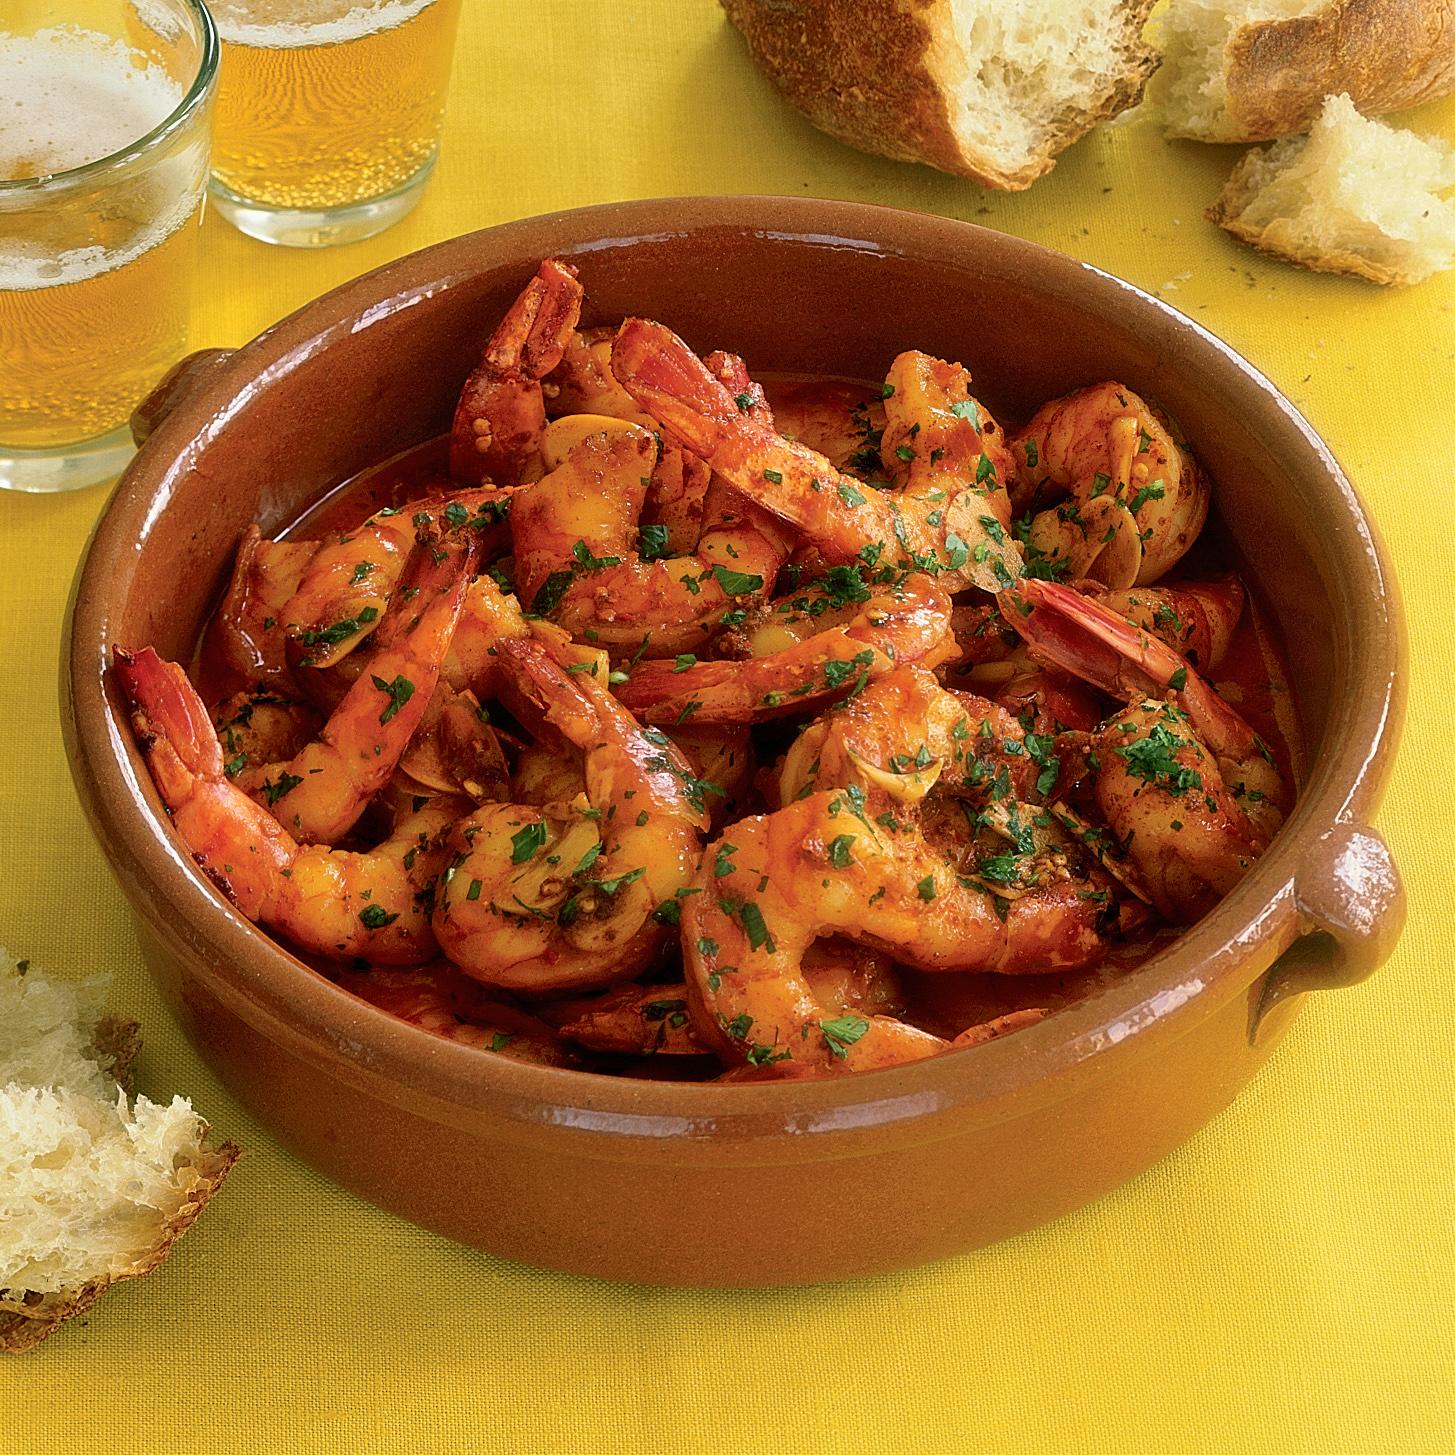 shrimp pil pil